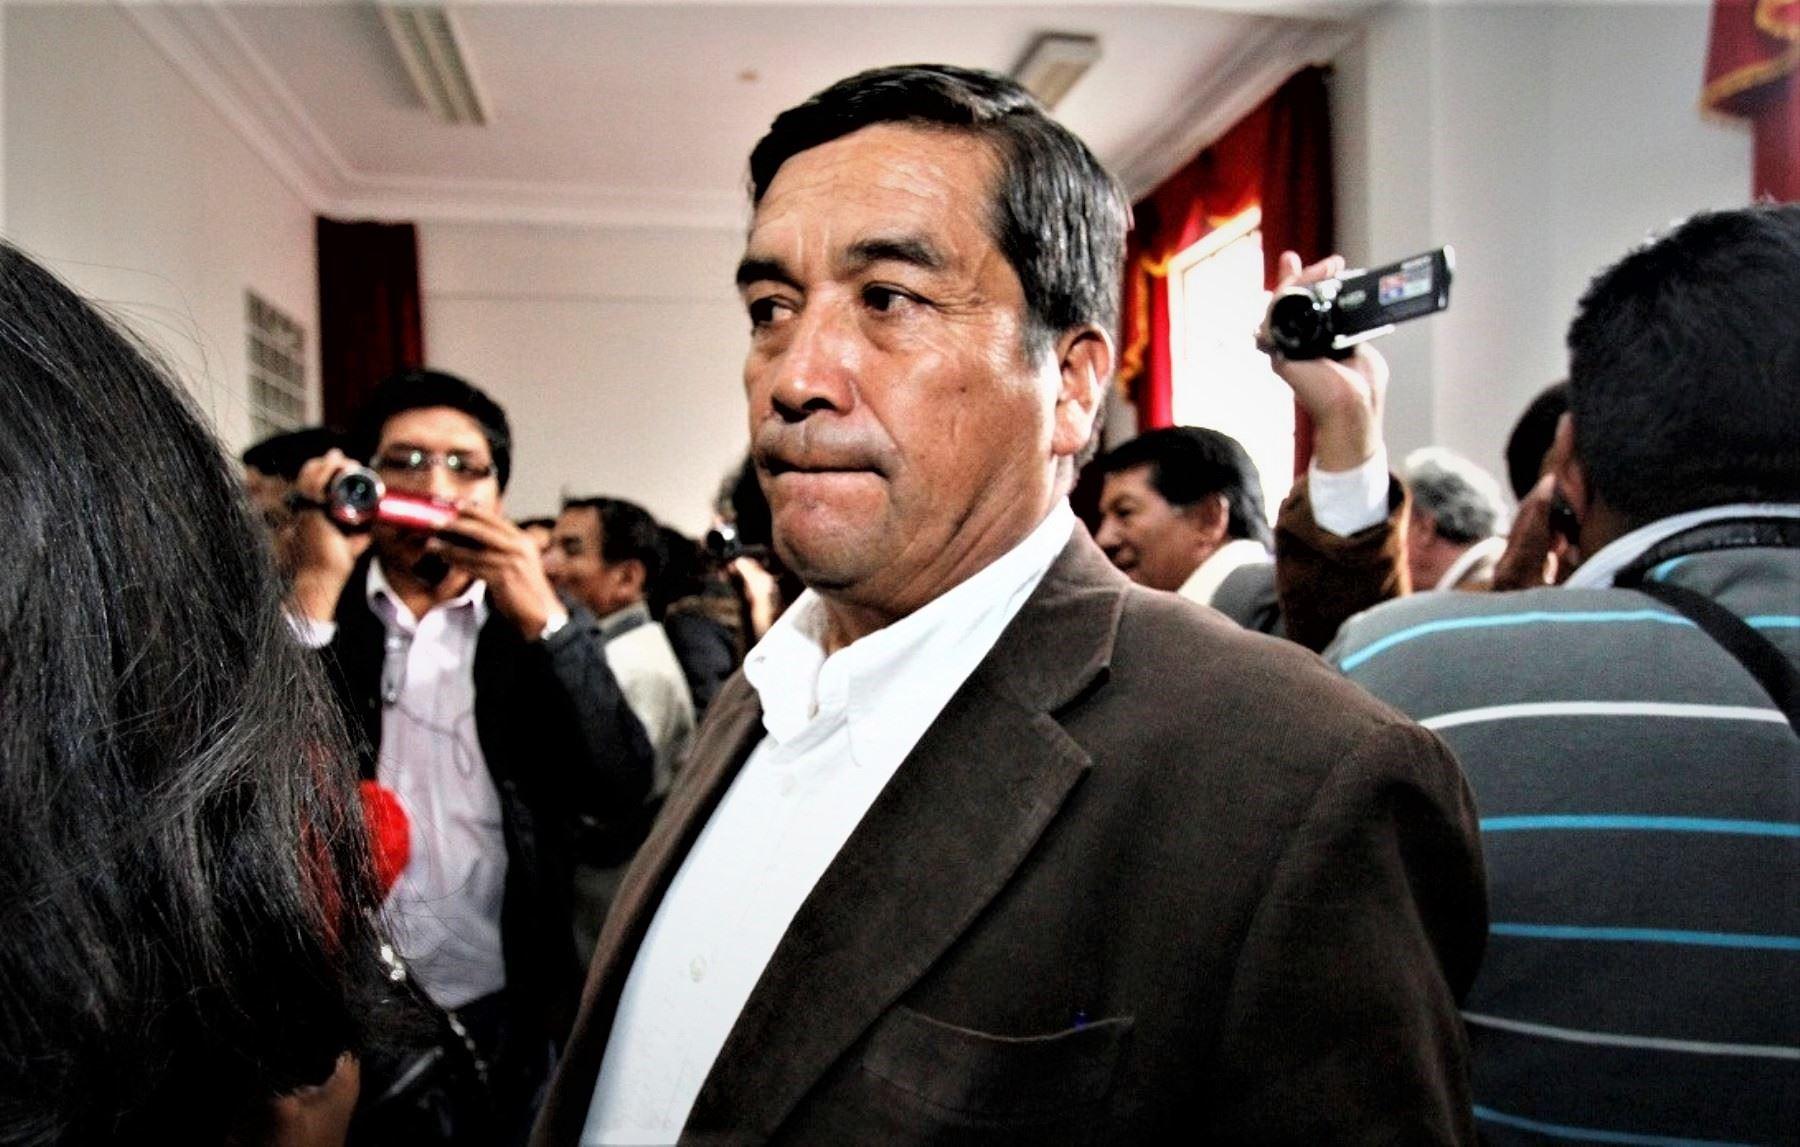 Con el congresista están involucrados dos ex funcionarios municipales y el propietario del predio, los que también tendrán que concurrir a la corte para la instalación del juicio.